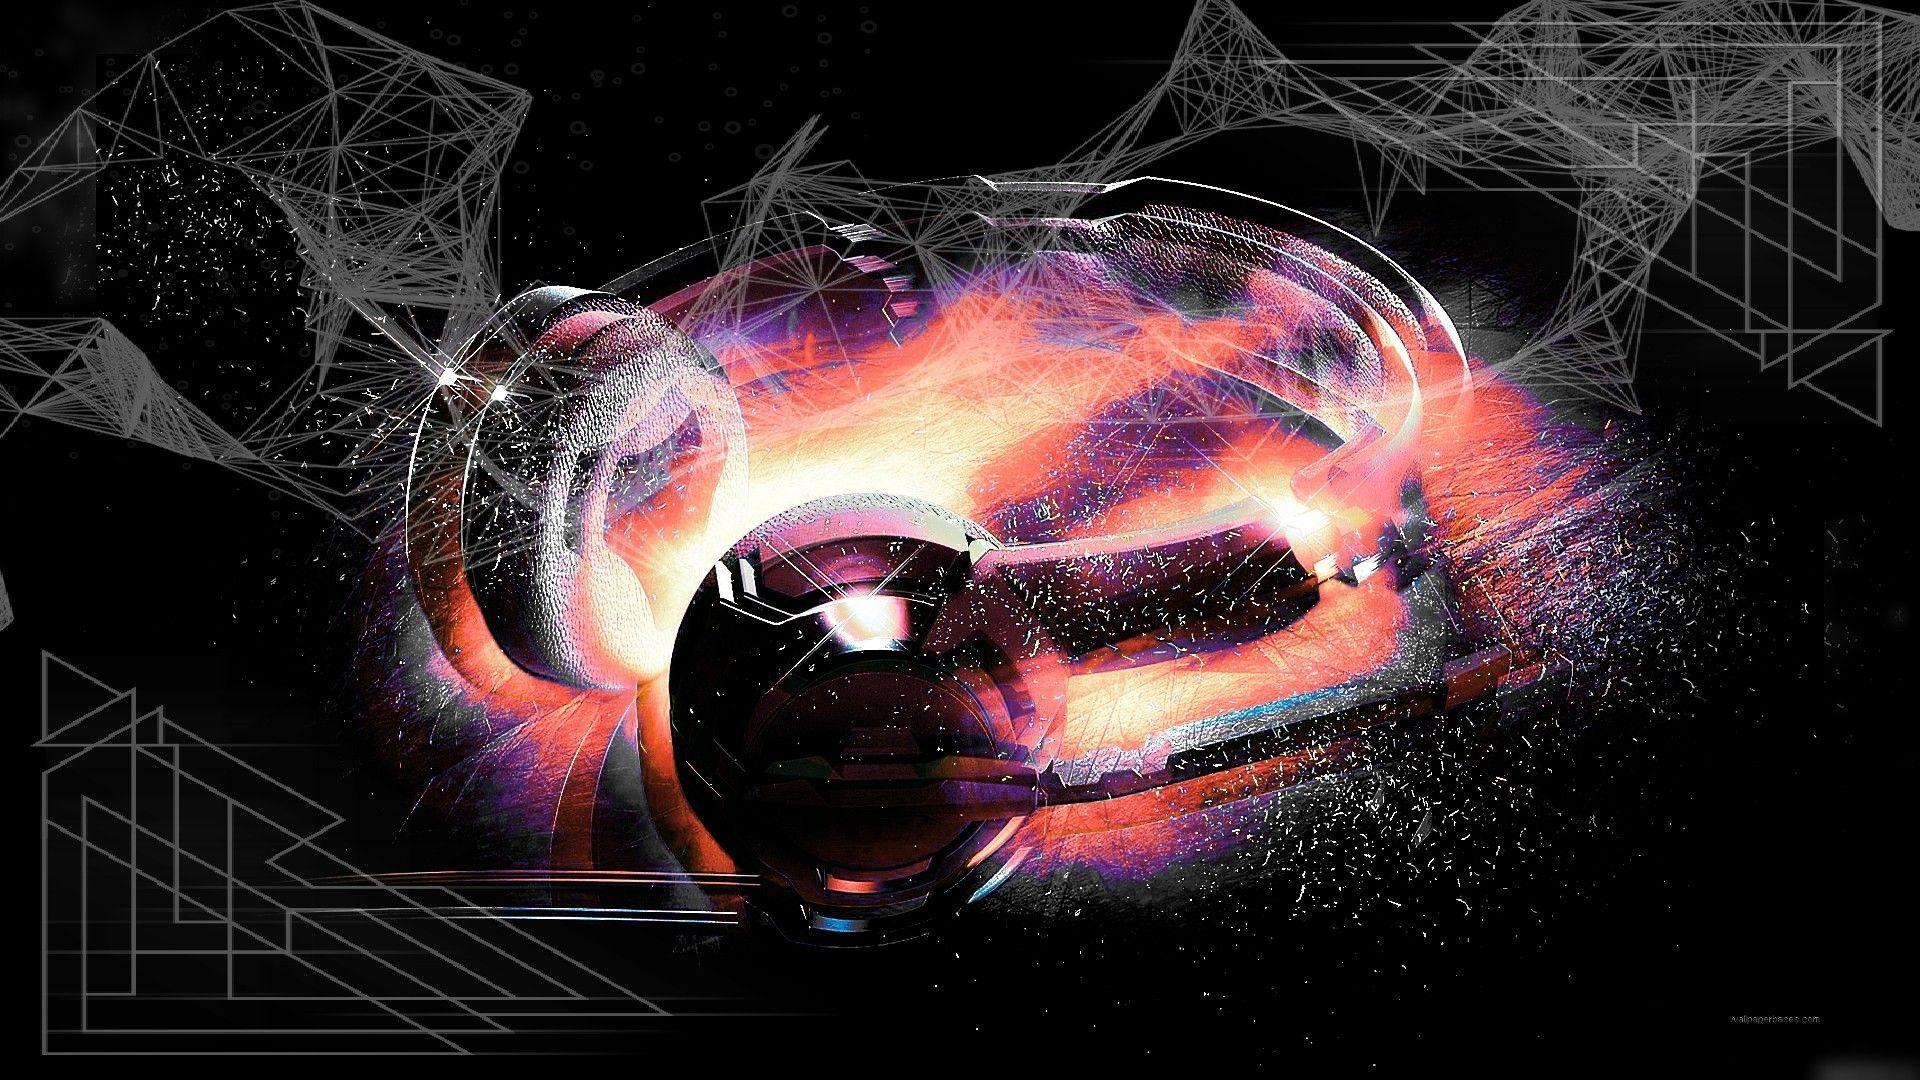 abstract headphone wallpaper | wallpaper studio 10 | tens of